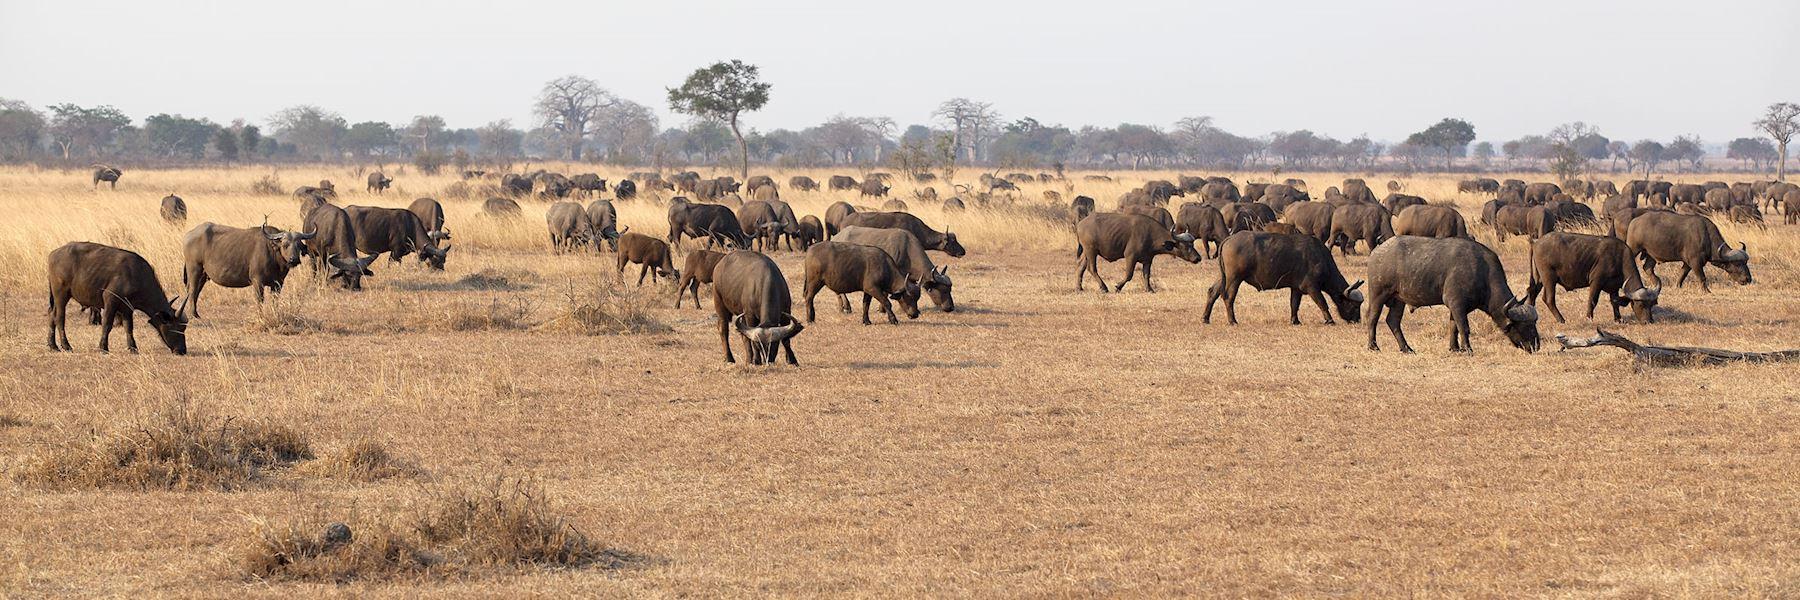 Visit Mikumi National Park, Tanzania